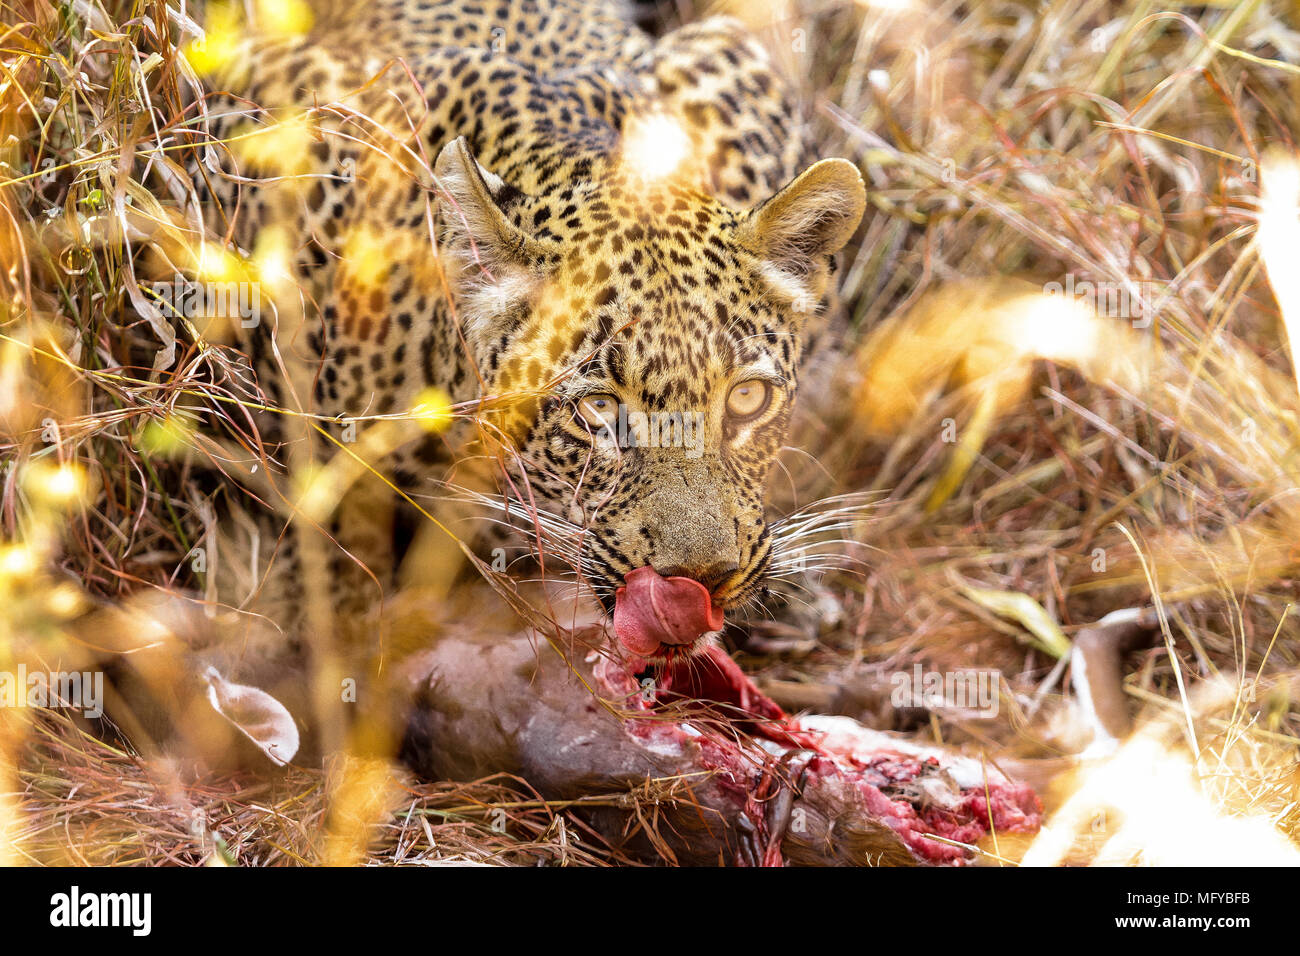 Fotografiado en un safari en una reserva de caza de Sudáfrica. Él estaba ocupado comiendo una fresca matar a la hora de fotografiar Imagen De Stock